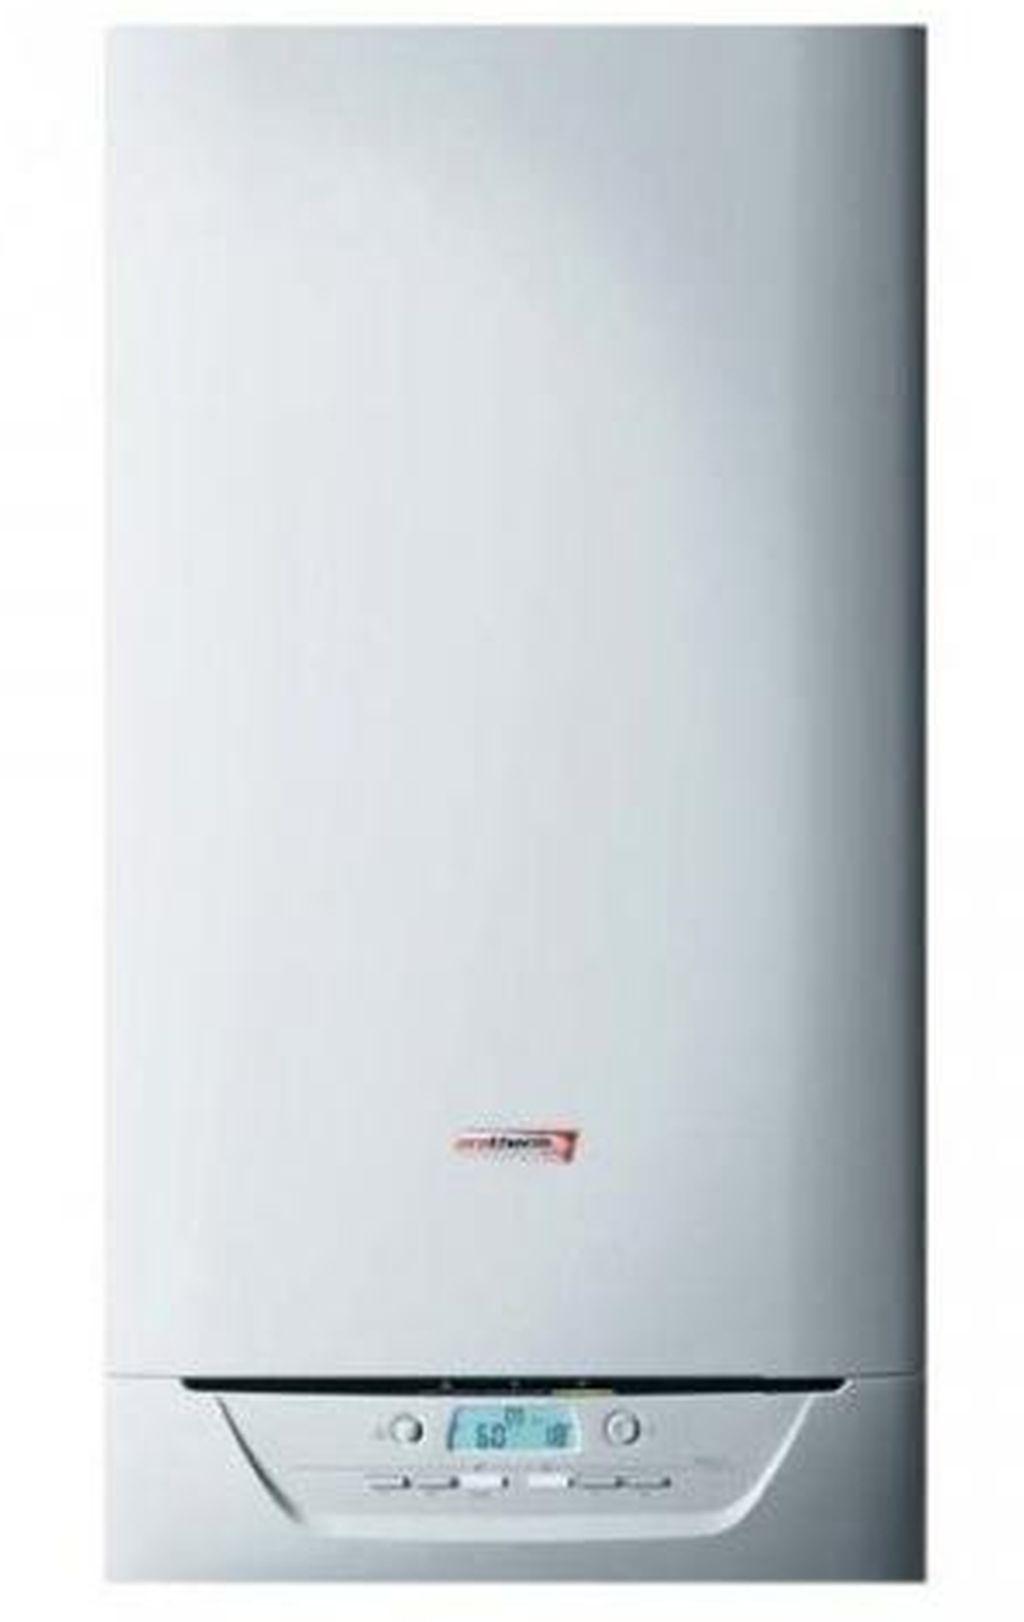 PROTHERM Tiger Condens 25 KKZ21 -A kondenzační plynový kotel 0010017332